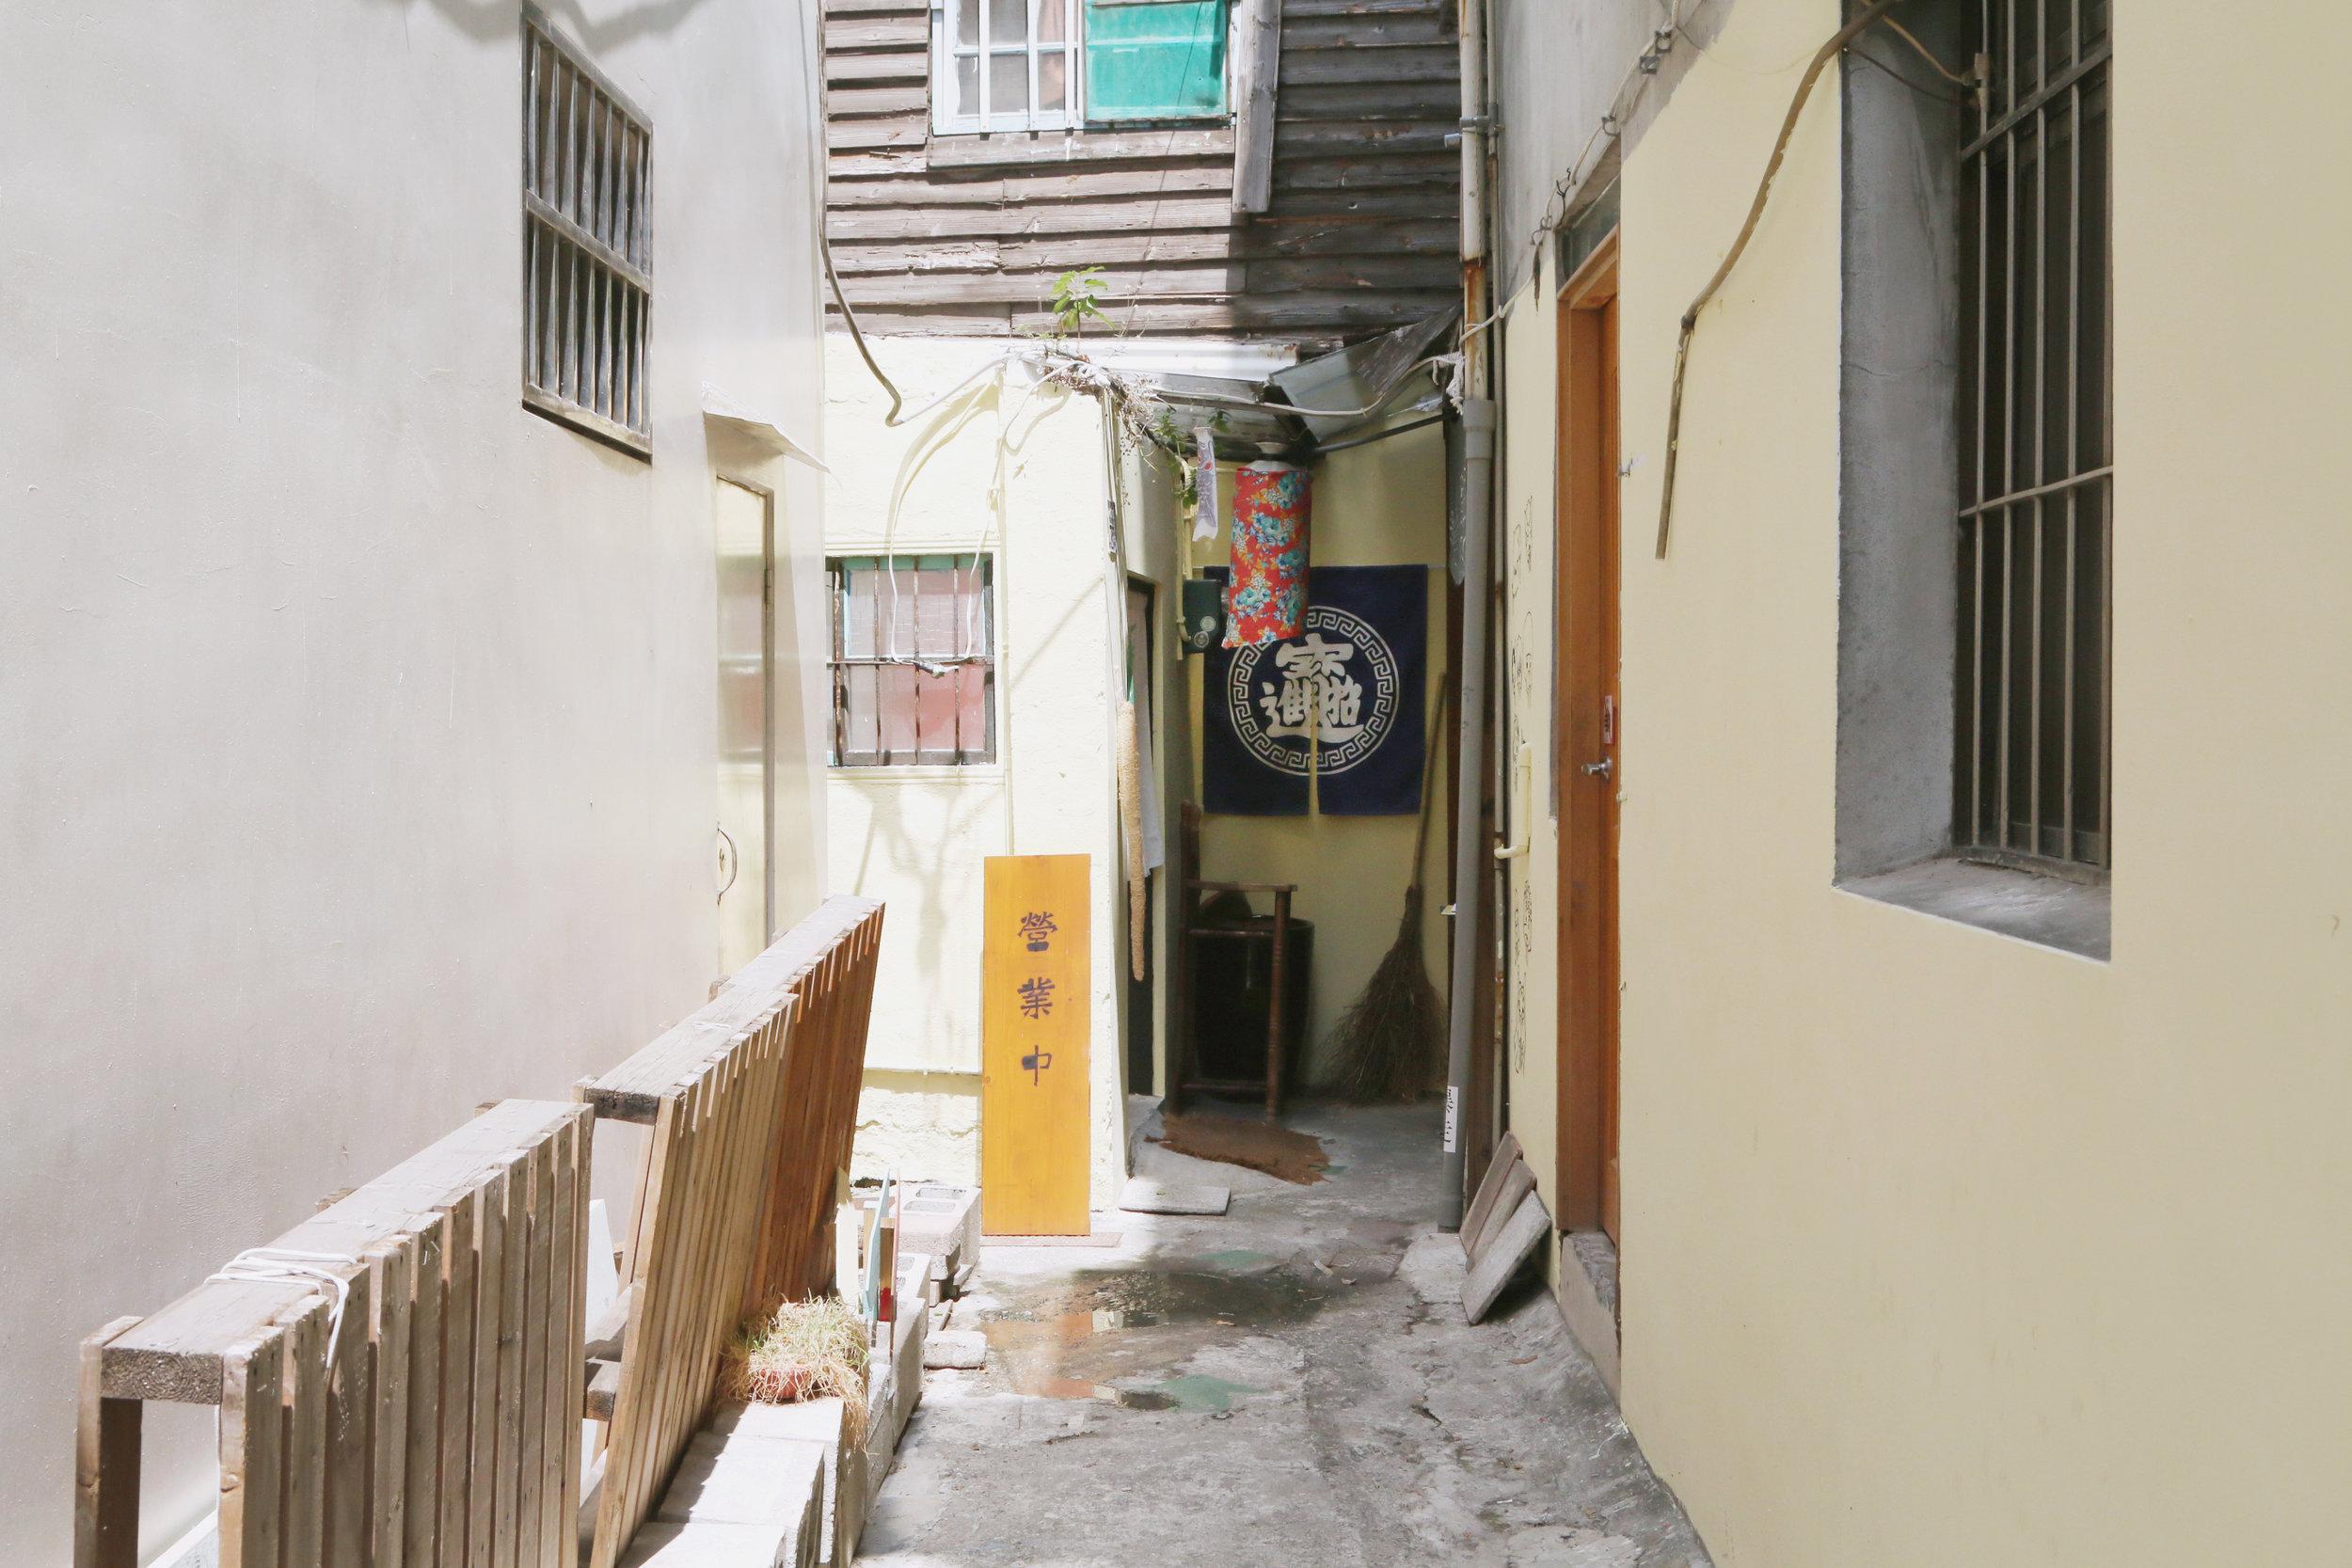 店面的位置是在小巷裡的小弄內,如果沒有放招牌的話很難被路人發現。